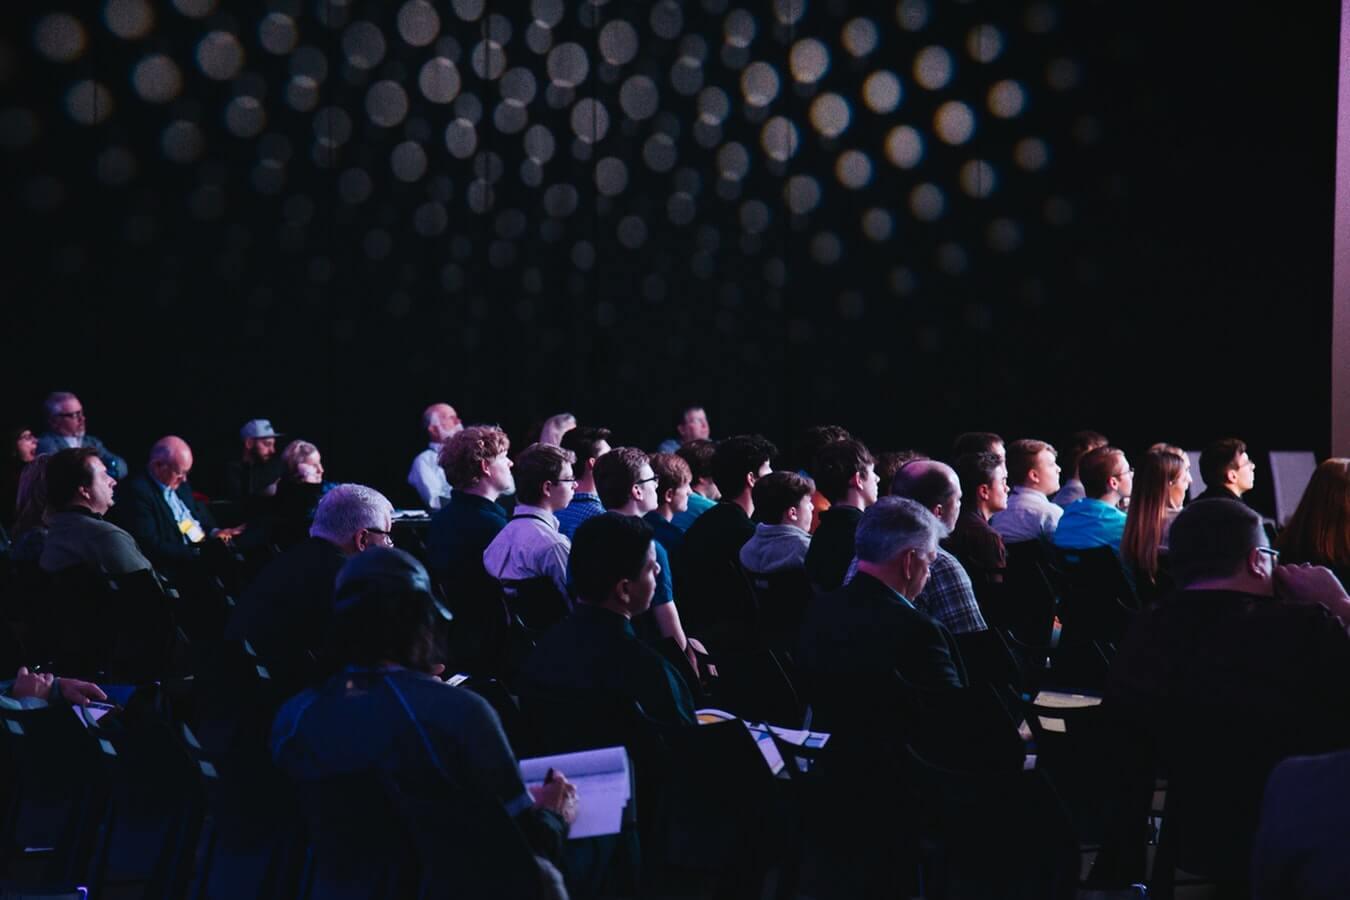 Mestrado UCPel: Pessoas sentadas assistindo palestra.